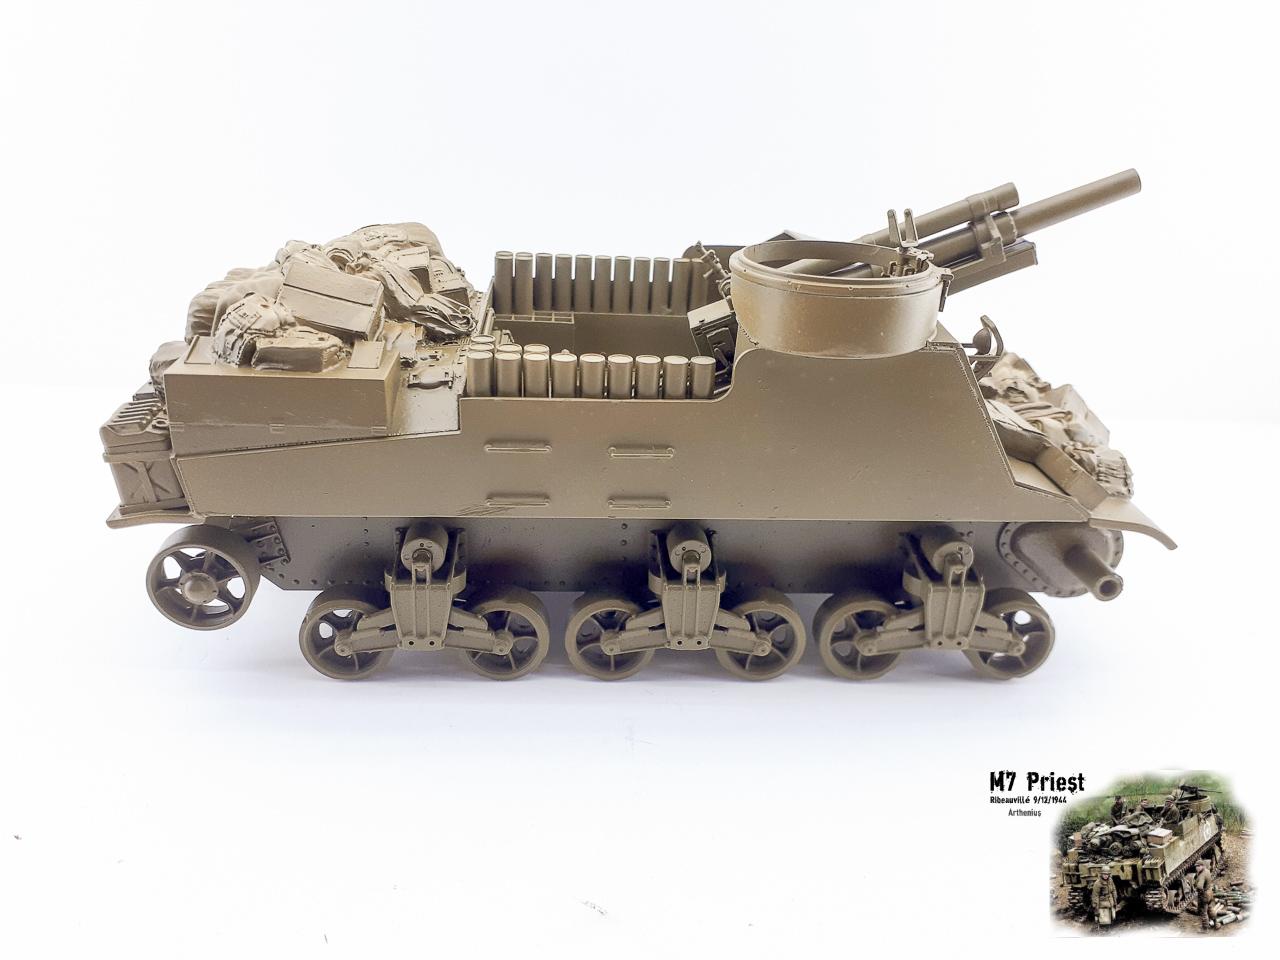 M7 Priest Ribeauvillé 9/12/1944 2018-056